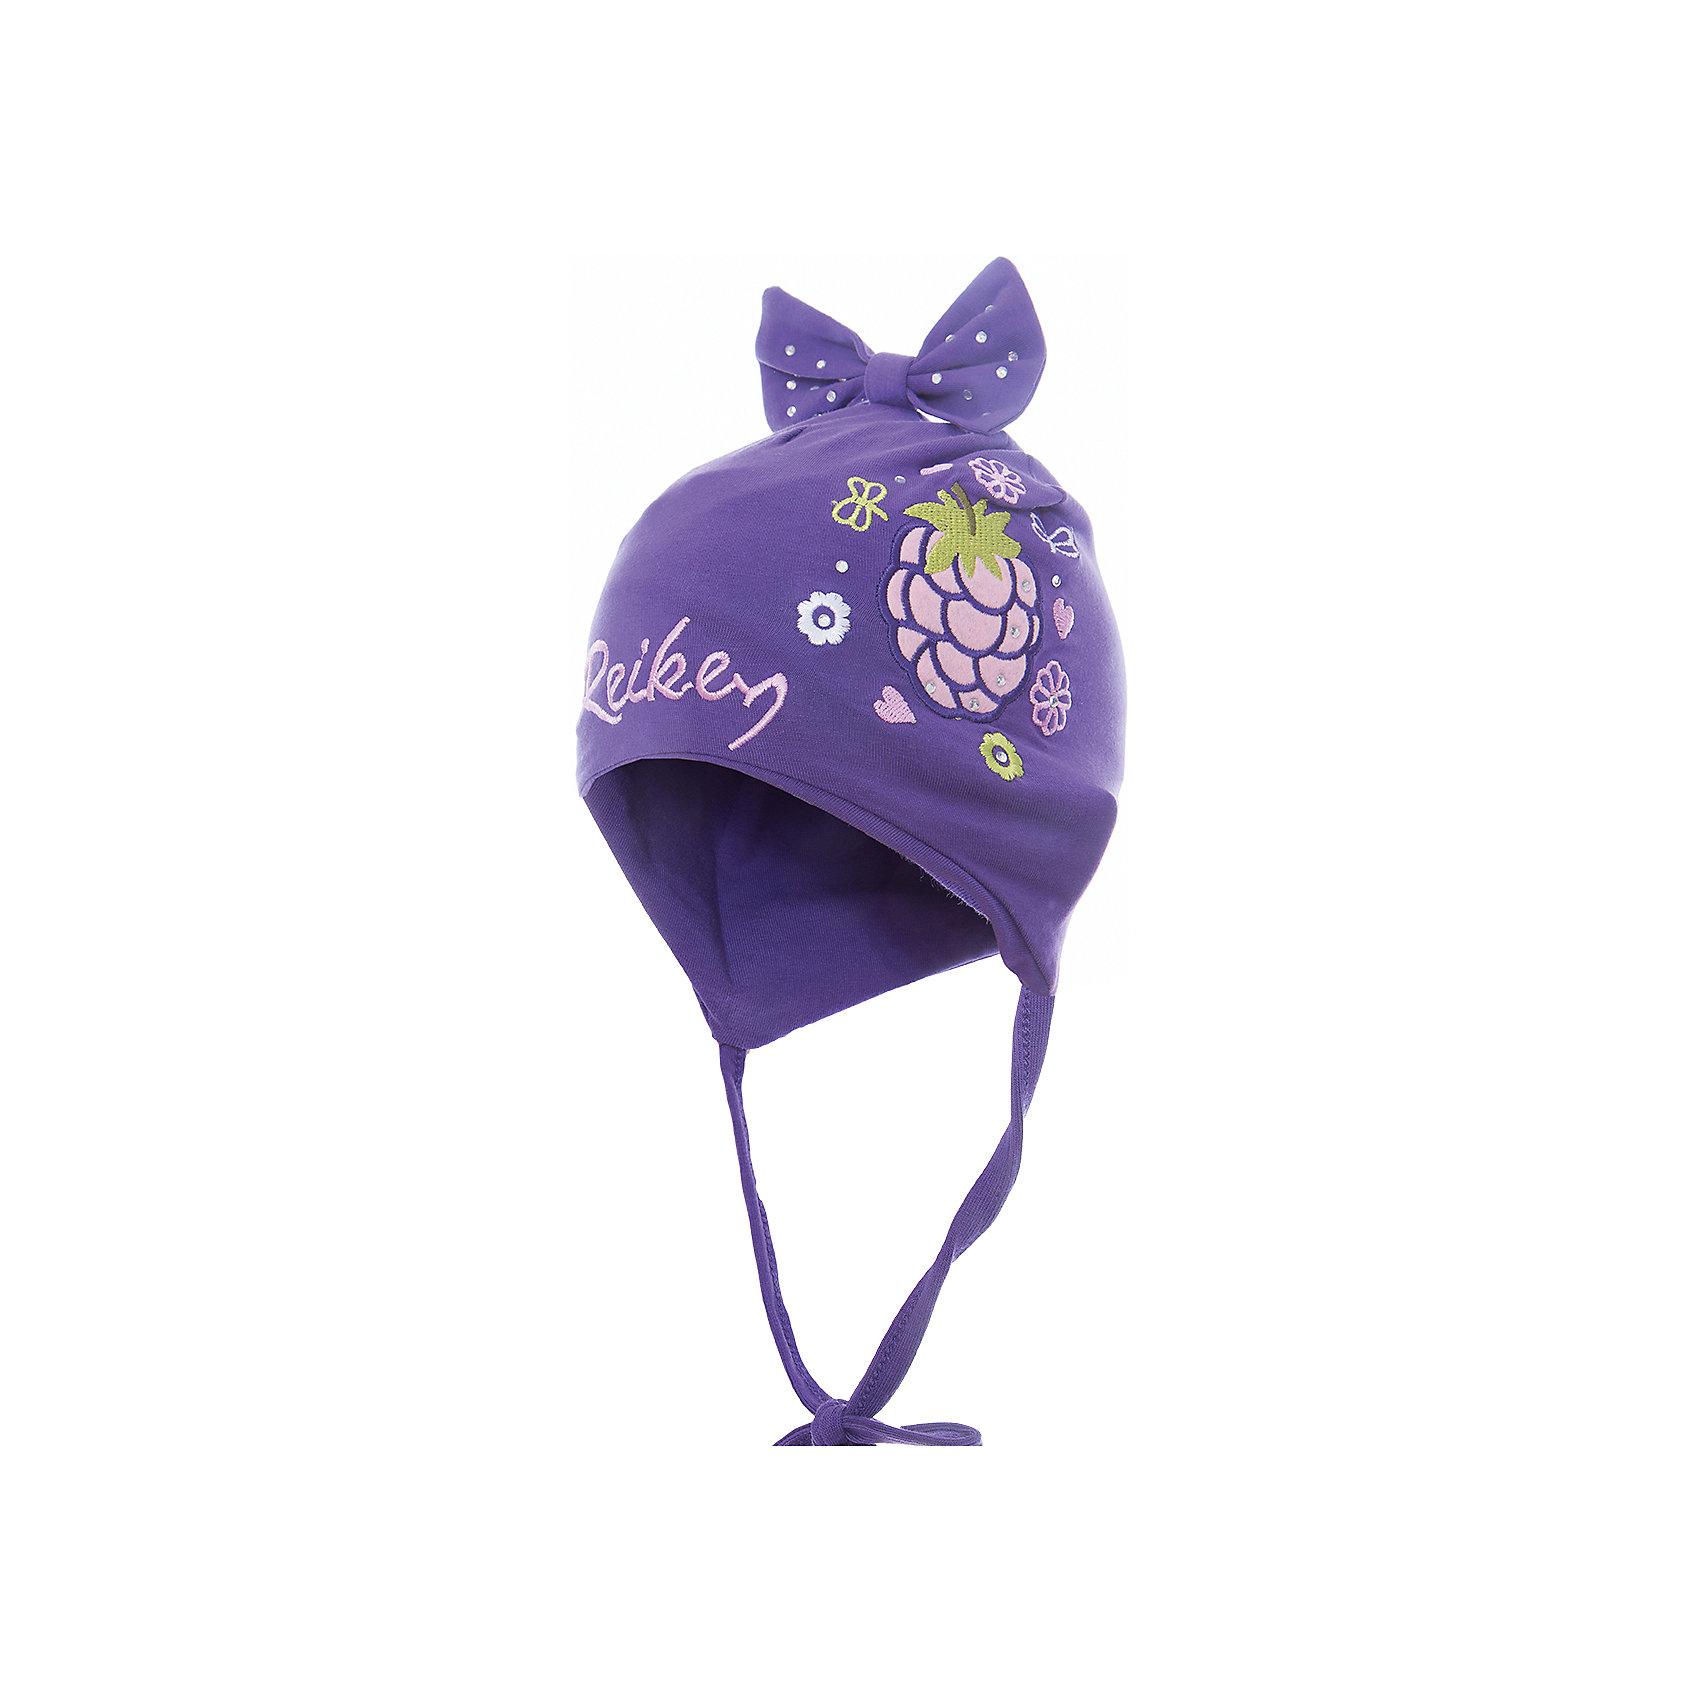 Шапка Reike для девочкиШапки и шарфы<br>Характеристики товара:<br><br>• цвет: фиолетовый<br>• состав: 100% хлопок<br>• подкладка: 100% хлопок<br>• температурный режим: от +5° С до +15° С<br>• завязки во всех размерах<br>• декорирована вышивкой и стразами<br>• декоративный бант наверху<br>• логотип Reike спереди<br>• страна бренда: Финляндия<br><br>Демисезонная одежда может быть очень красивой и удобной! Новая коллекция от известного финского производителя Reike отличается ярким дизайном, продуманностью и комфортом! Эта модель разработана специально для детей - она учитывает особенности их физиологии, а также новые тенденции в европейской моде. Стильная и удобная вещь!<br><br>Шапку для девочки от популярного бренда Reike можно купить в нашем интернет-магазине.<br><br>Ширина мм: 89<br>Глубина мм: 117<br>Высота мм: 44<br>Вес г: 155<br>Цвет: лиловый<br>Возраст от месяцев: 6<br>Возраст до месяцев: 9<br>Пол: Женский<br>Возраст: Детский<br>Размер: 46,50,48<br>SKU: 5430096